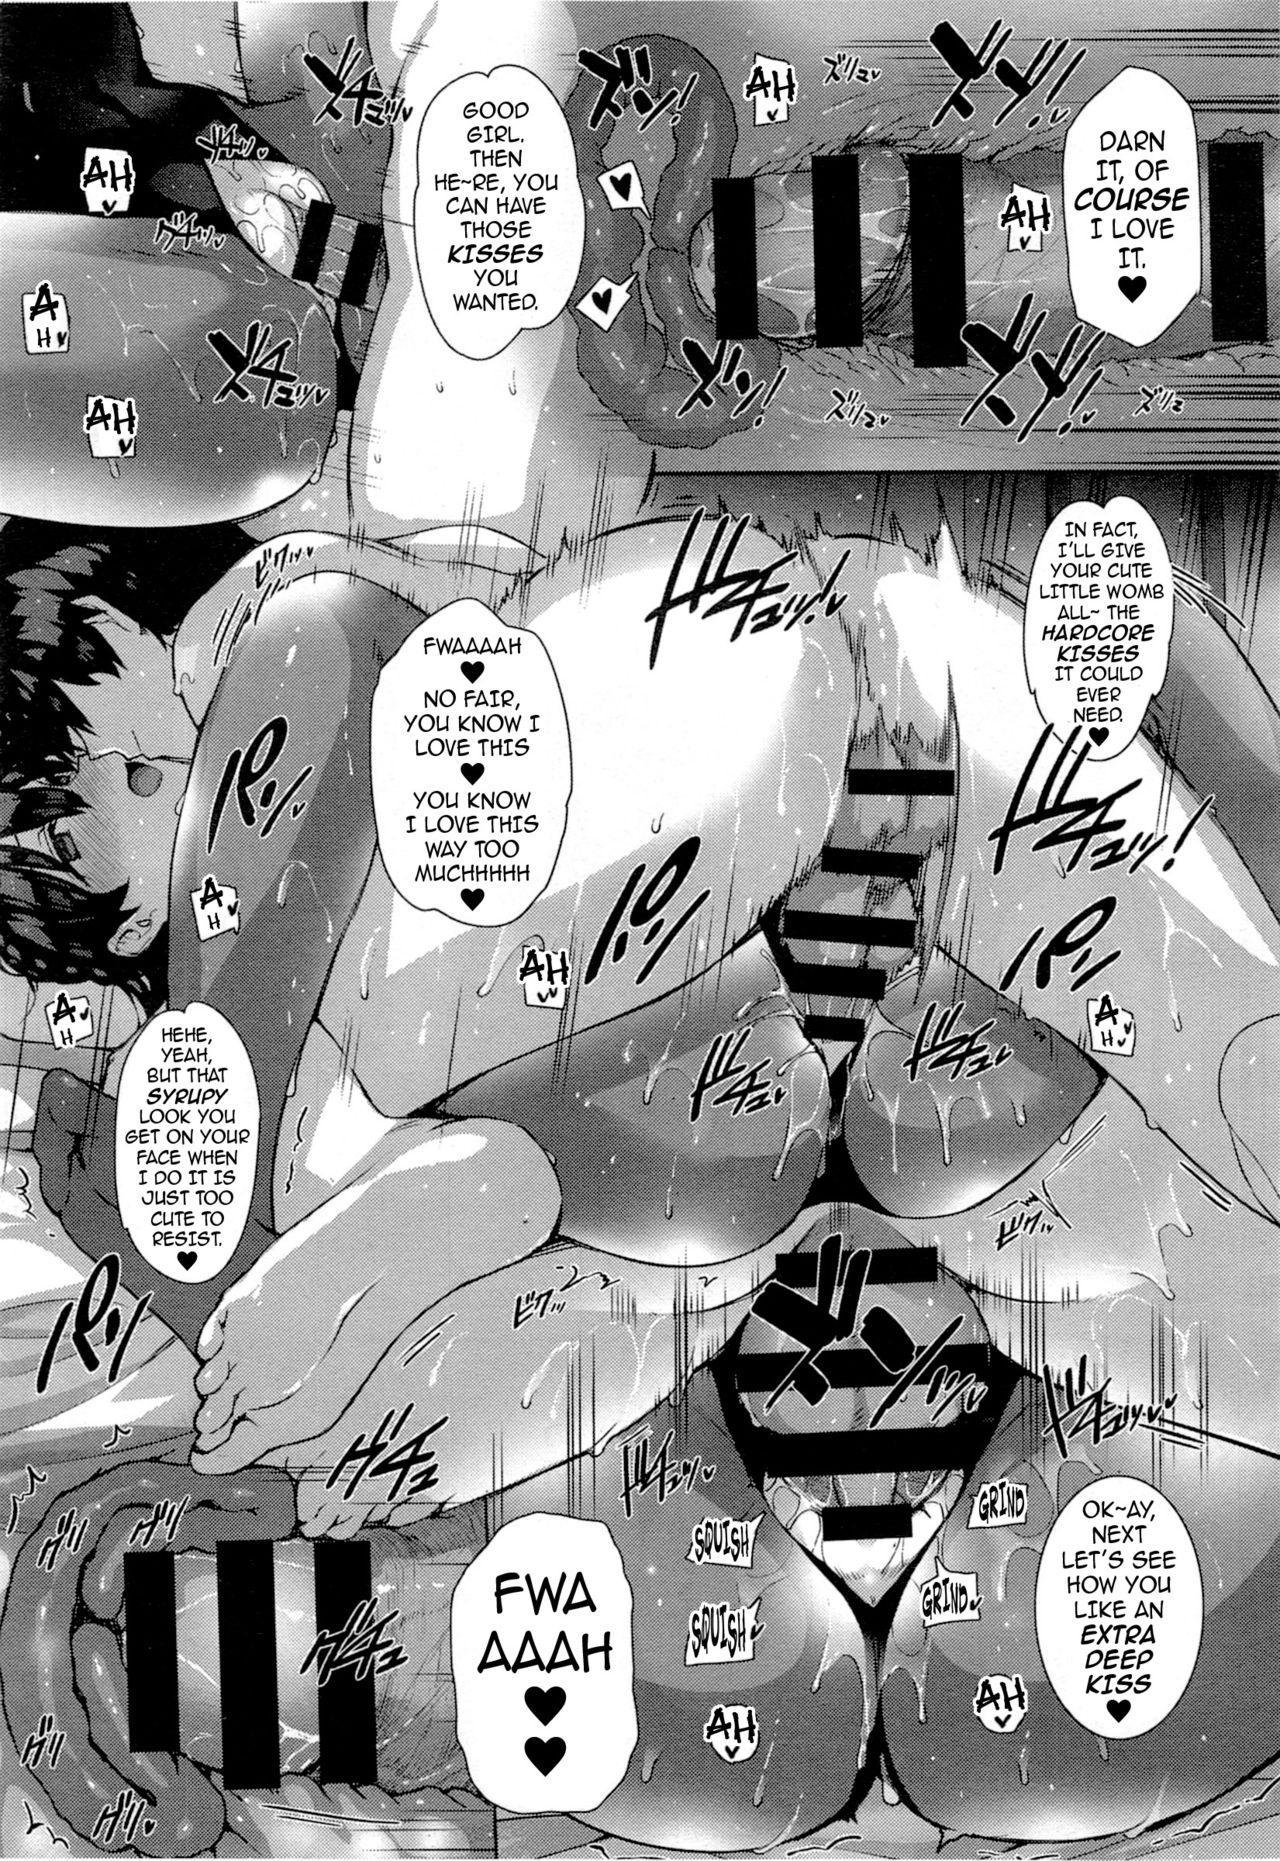 [Katsurai Yoshiaki] Amatsuka Gakuen no Ryoukan Seikatsu | Angel Academy's Hardcore Dorm Sex Life 1-2, 3.5-5 [English] {darknight} [Digital] 59